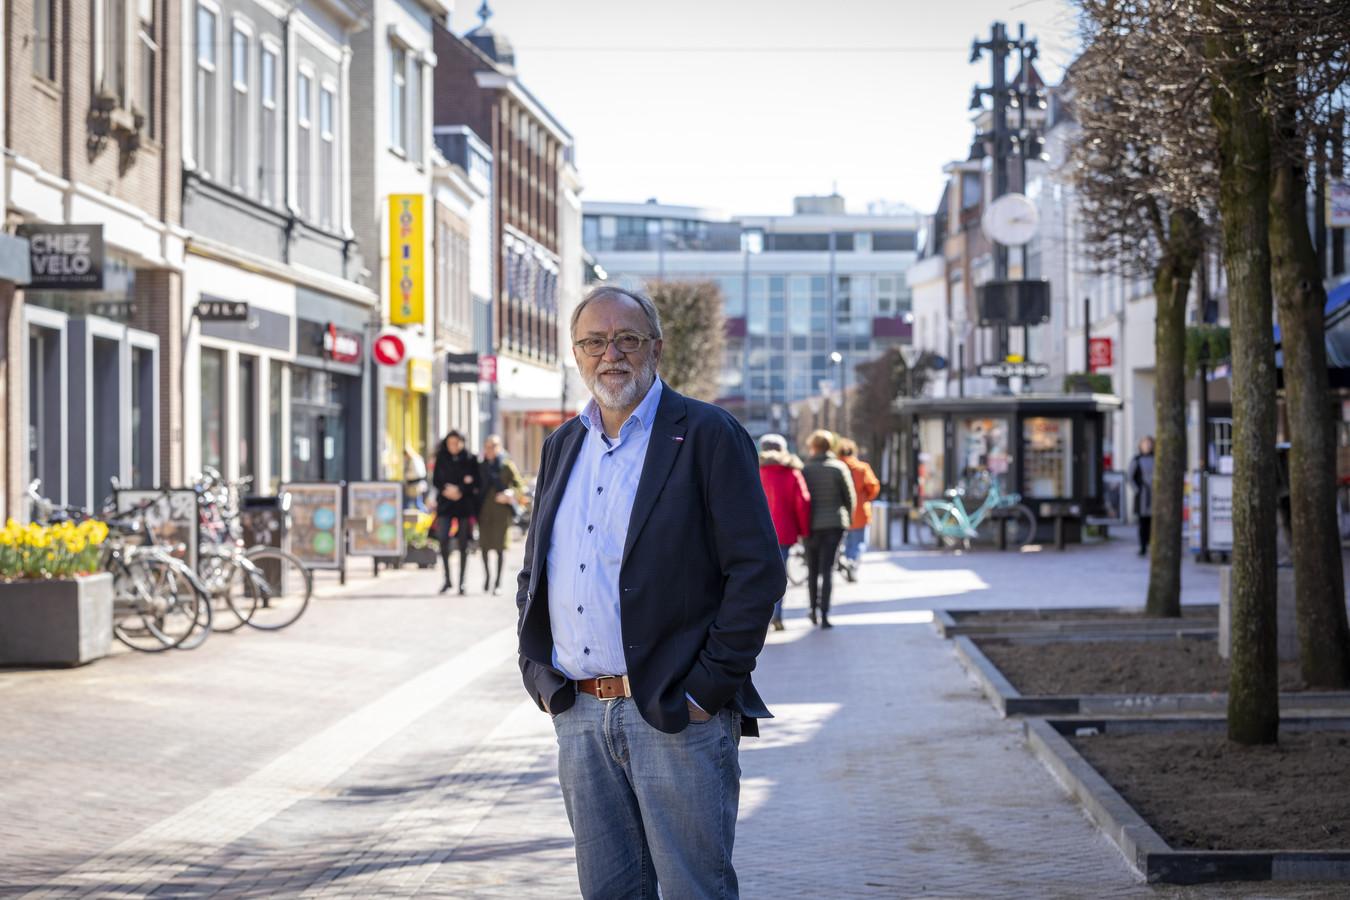 Paul Moers in de Grotestraat in Almelo. De marketinggoeroe spreekt binnenkort met het gemeentebestuur over de situatie van de lokale winkeliers.